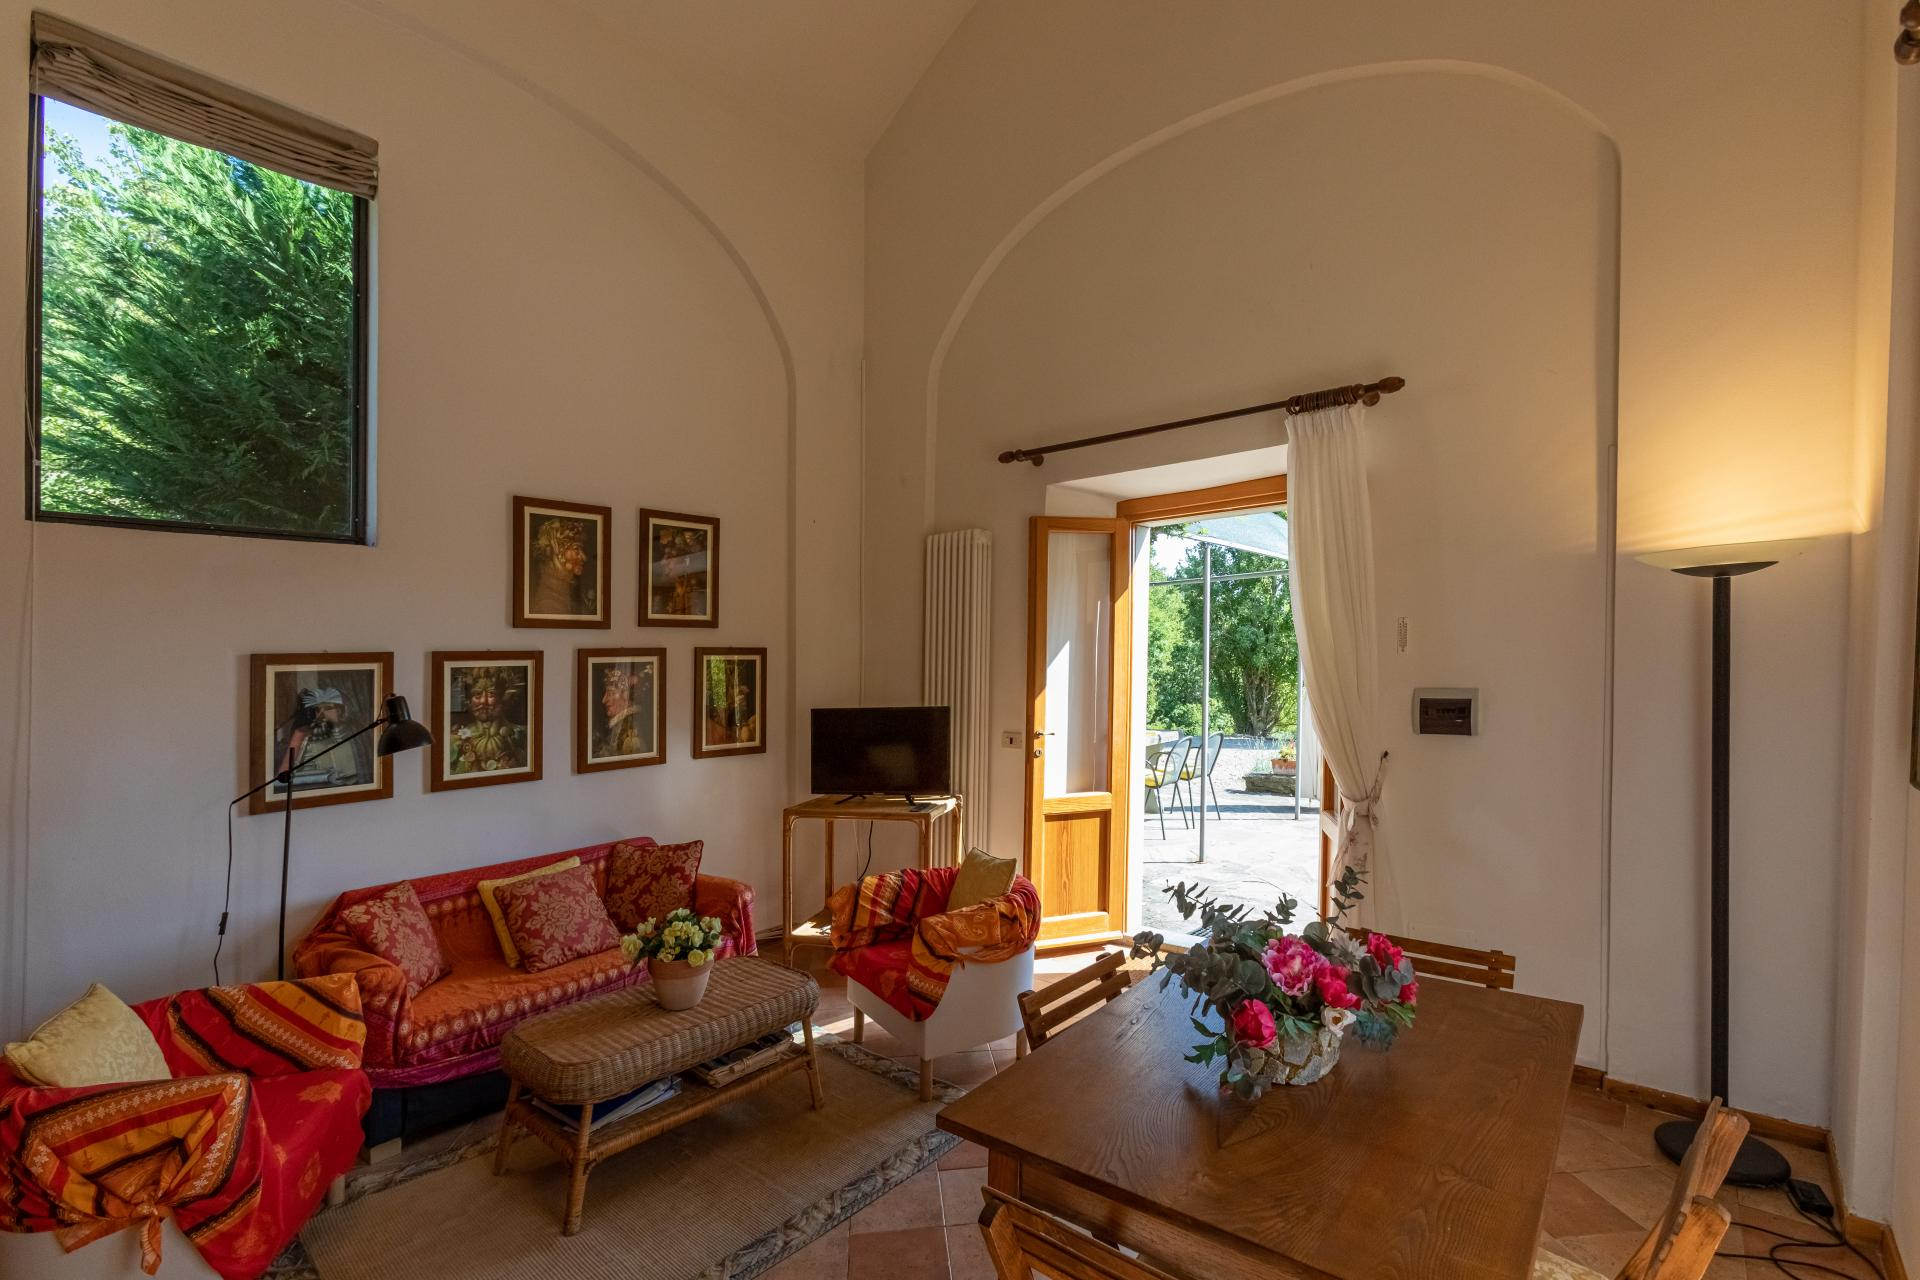 Emilia – Romagna I Vanzetti_La Chiesina